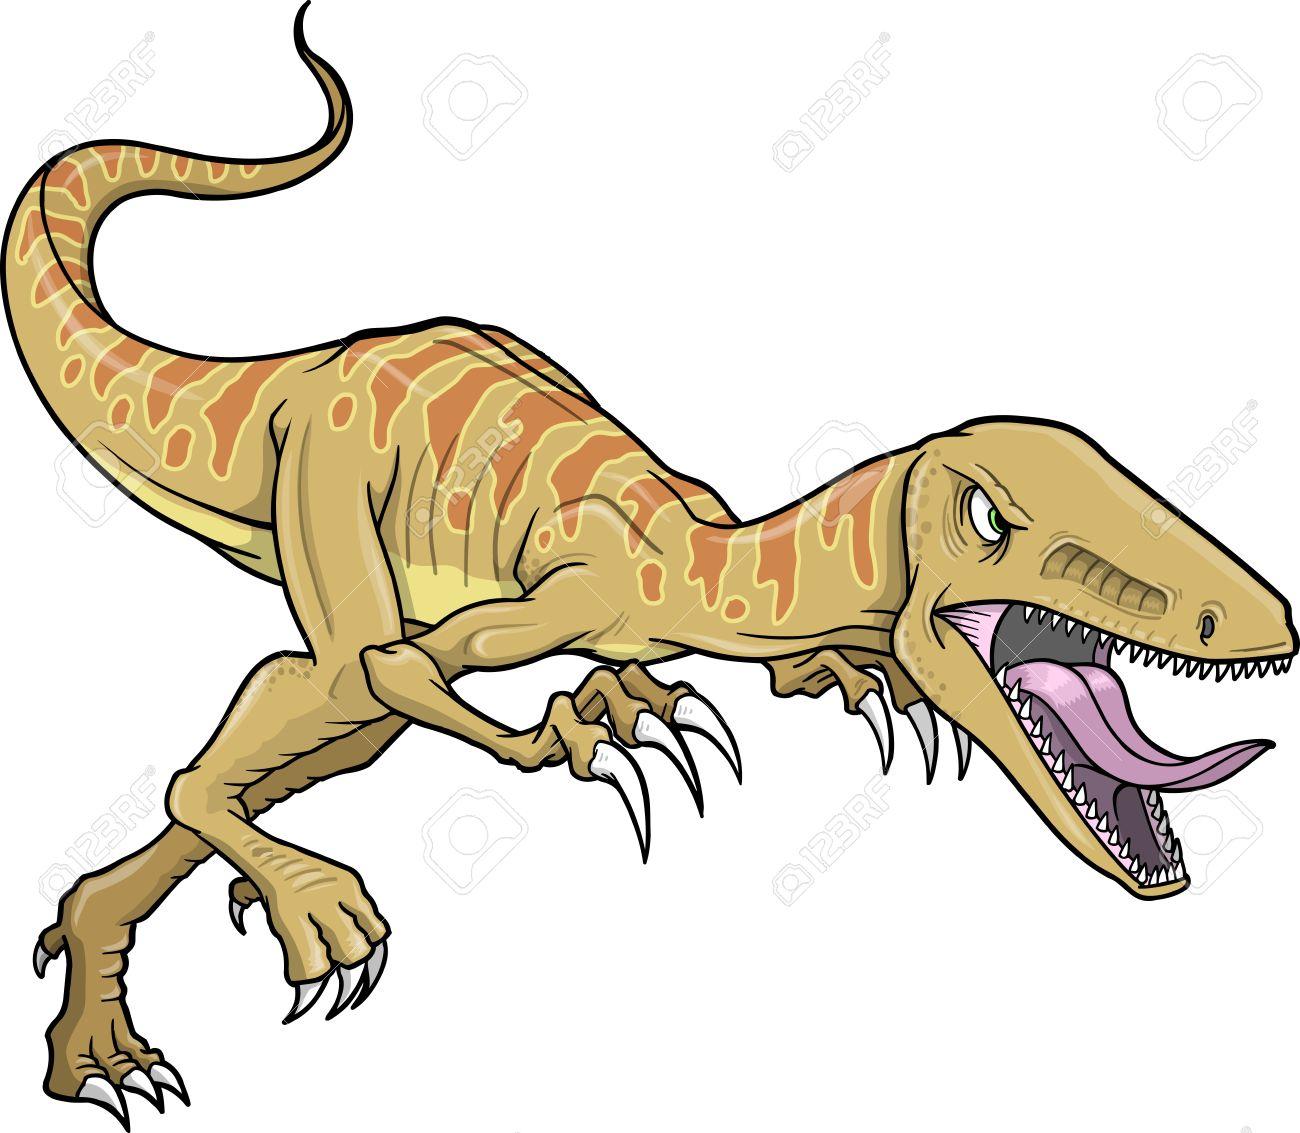 Raptor clipart vector free download Raptor clipart 1 » Clipart Station vector free download